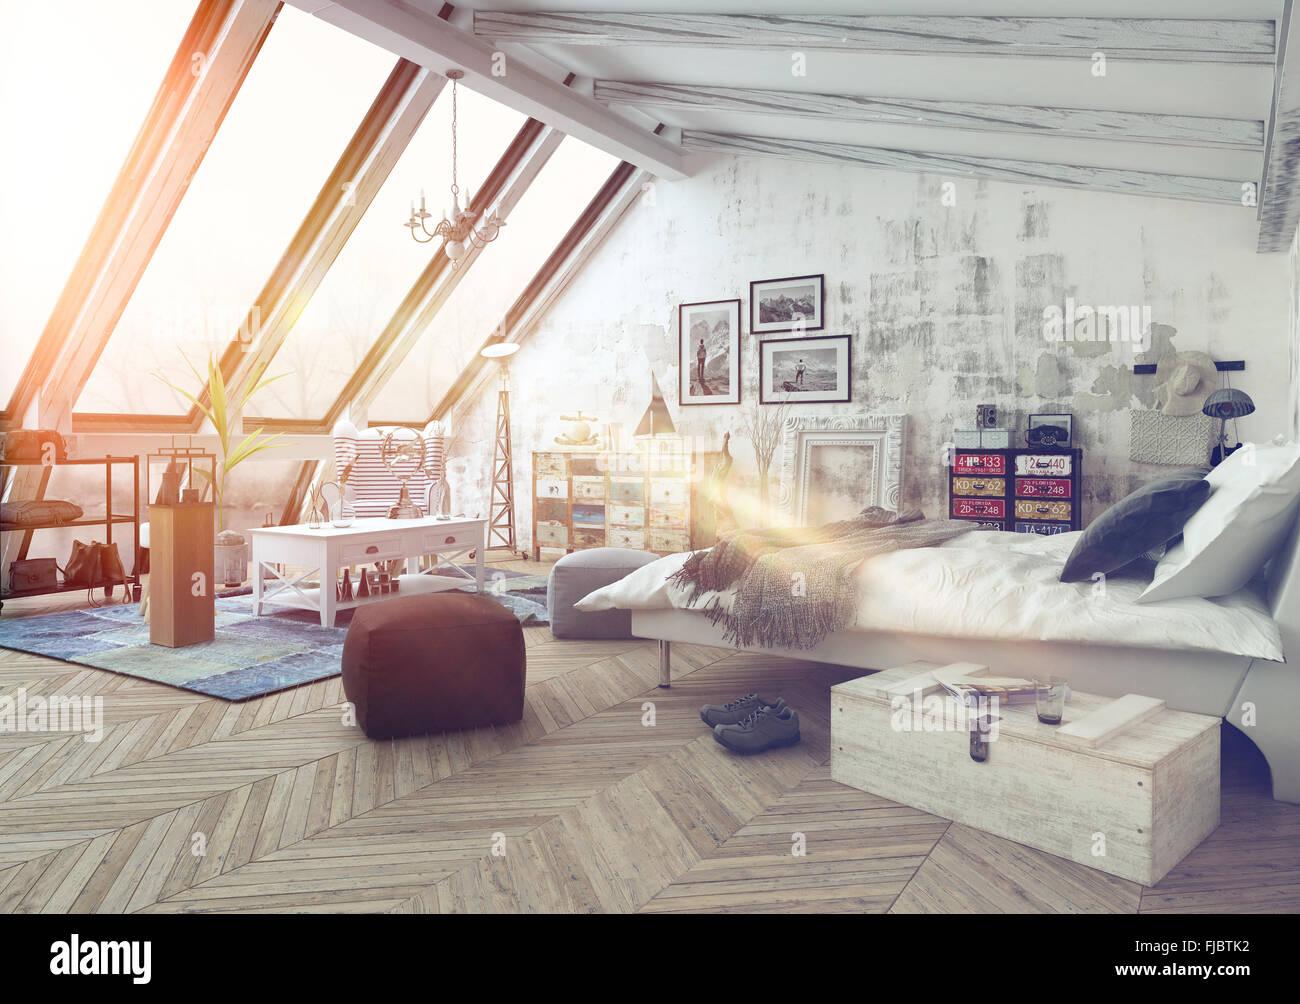 Sonnenlicht In Moderne Hipster Stil Loft Schlafzimmer In Hartholz Fußböden  Mit Bildern, Sitzkissen Und Andere Decora Abgedeckt